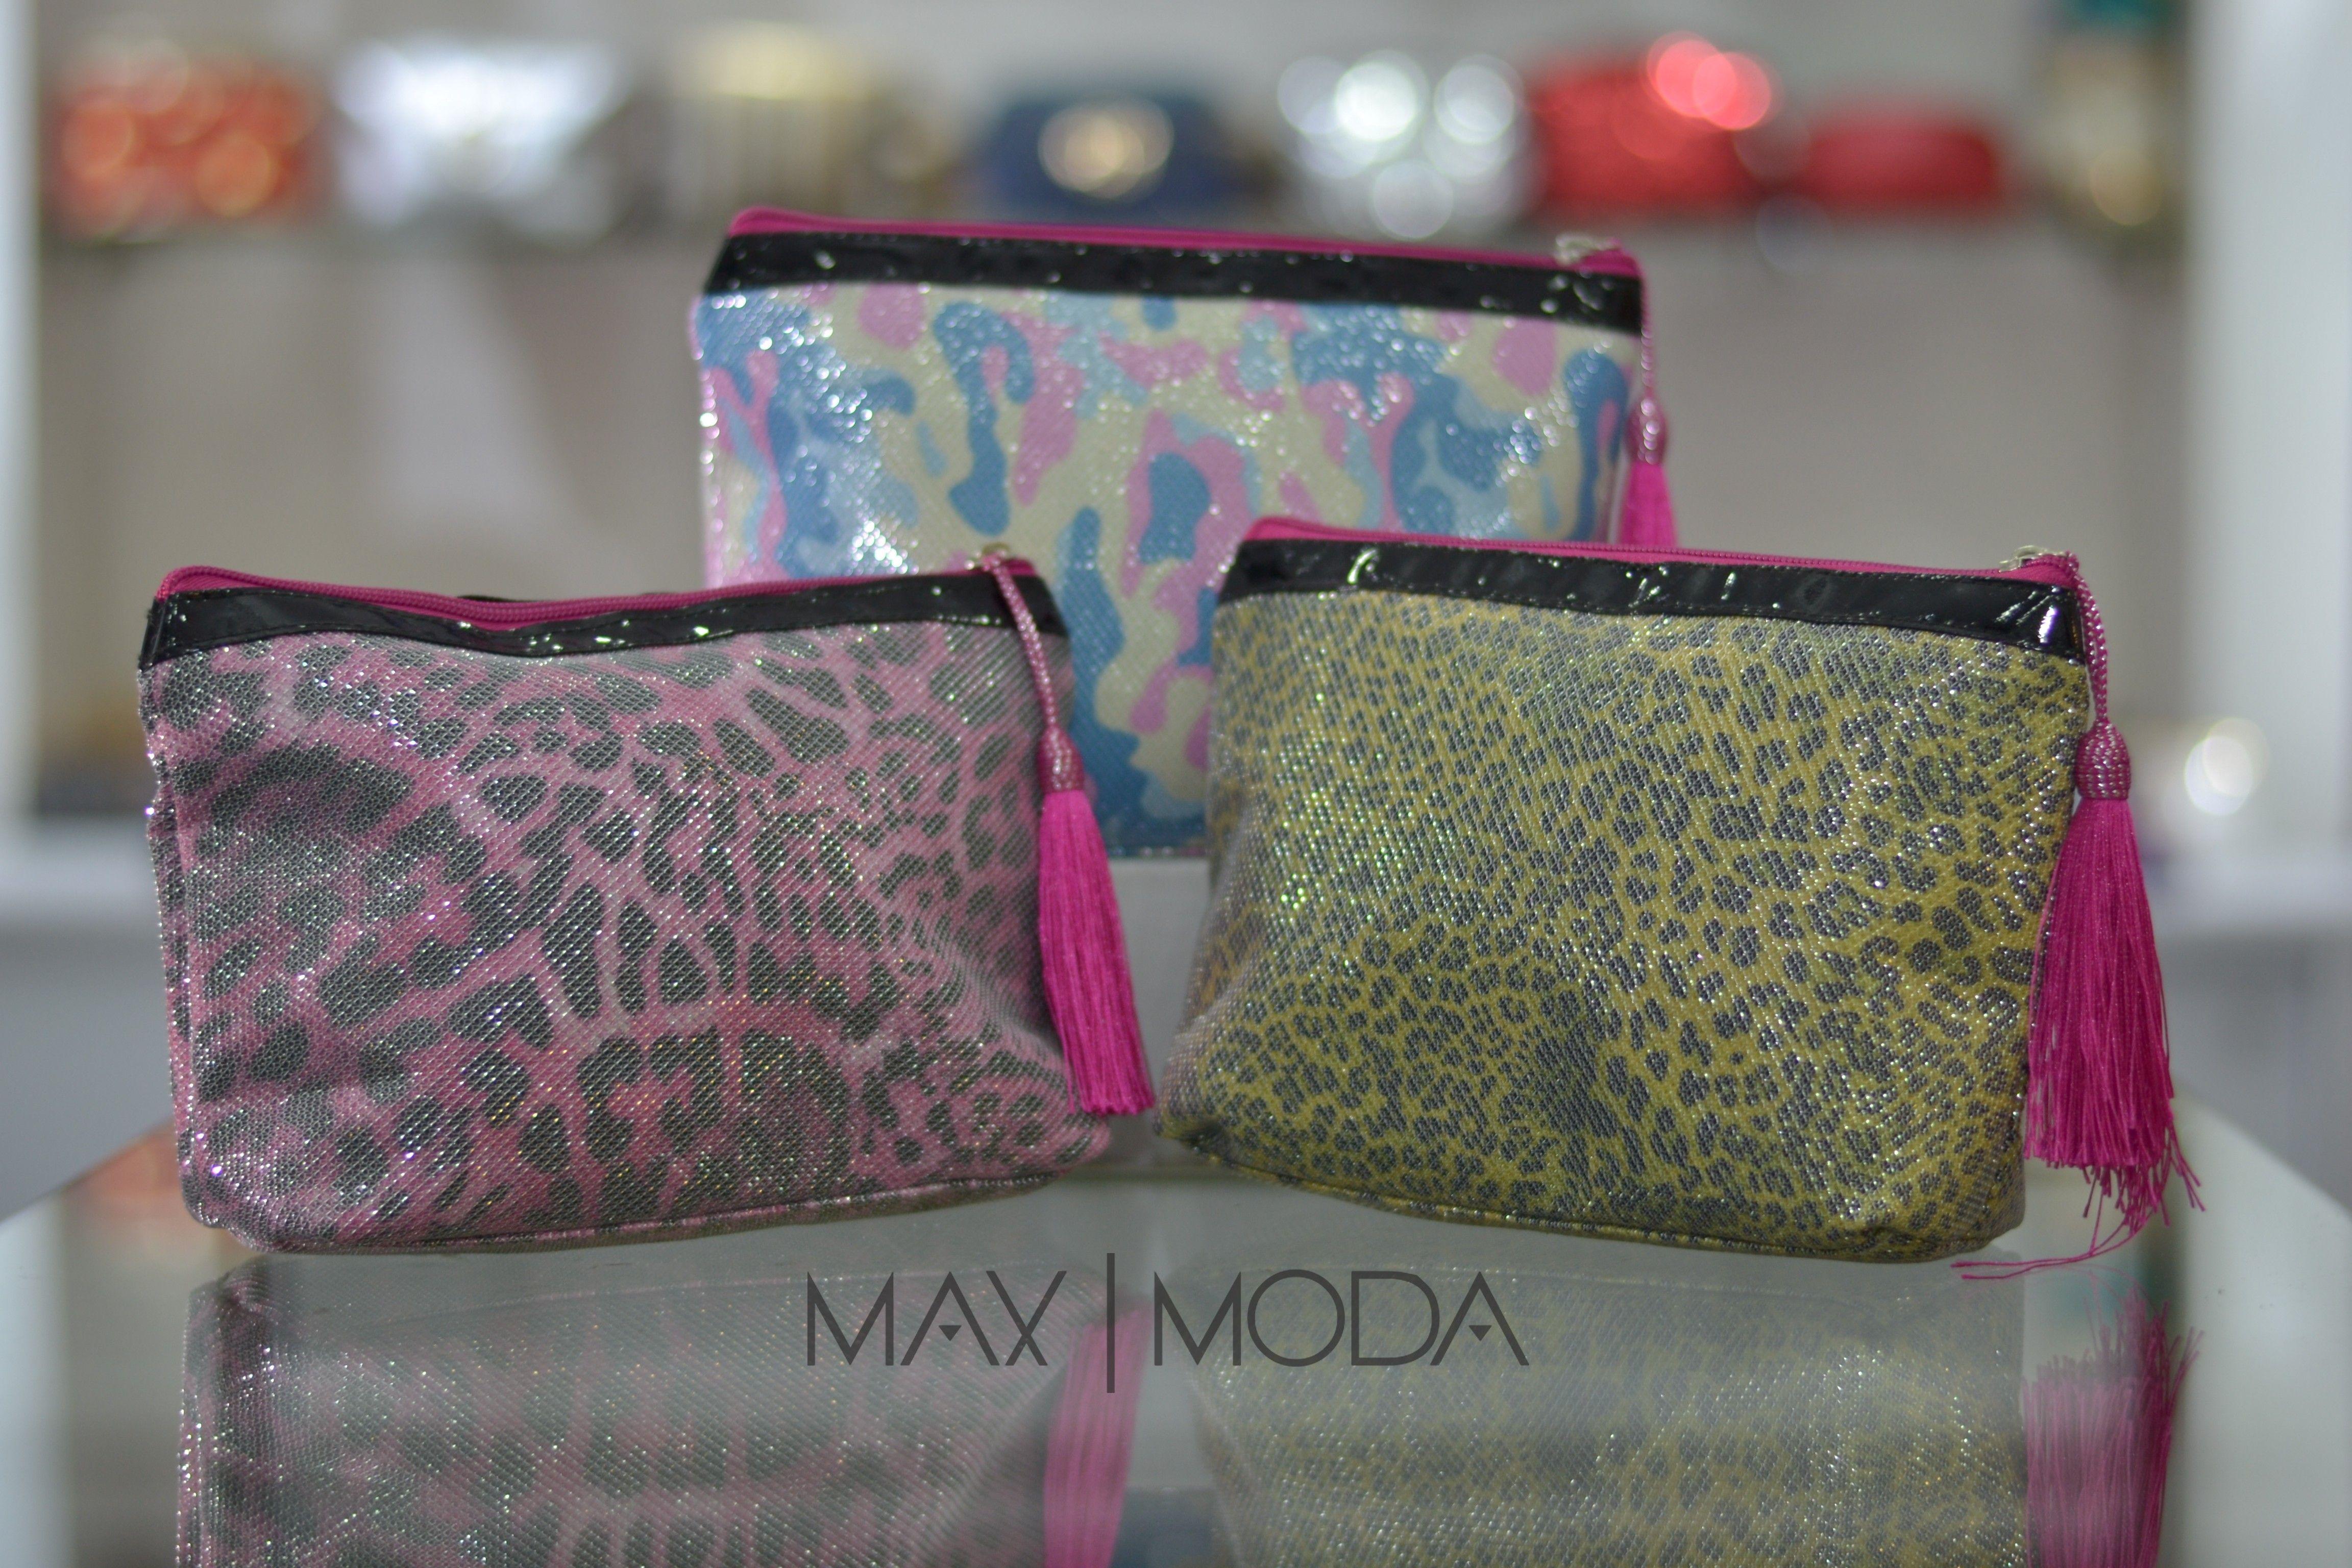 Cosmetiquera Yellow tiger, Pink tiger & camouflage pastel Precio al mayor: $6.000 Precio unidad: $10.000